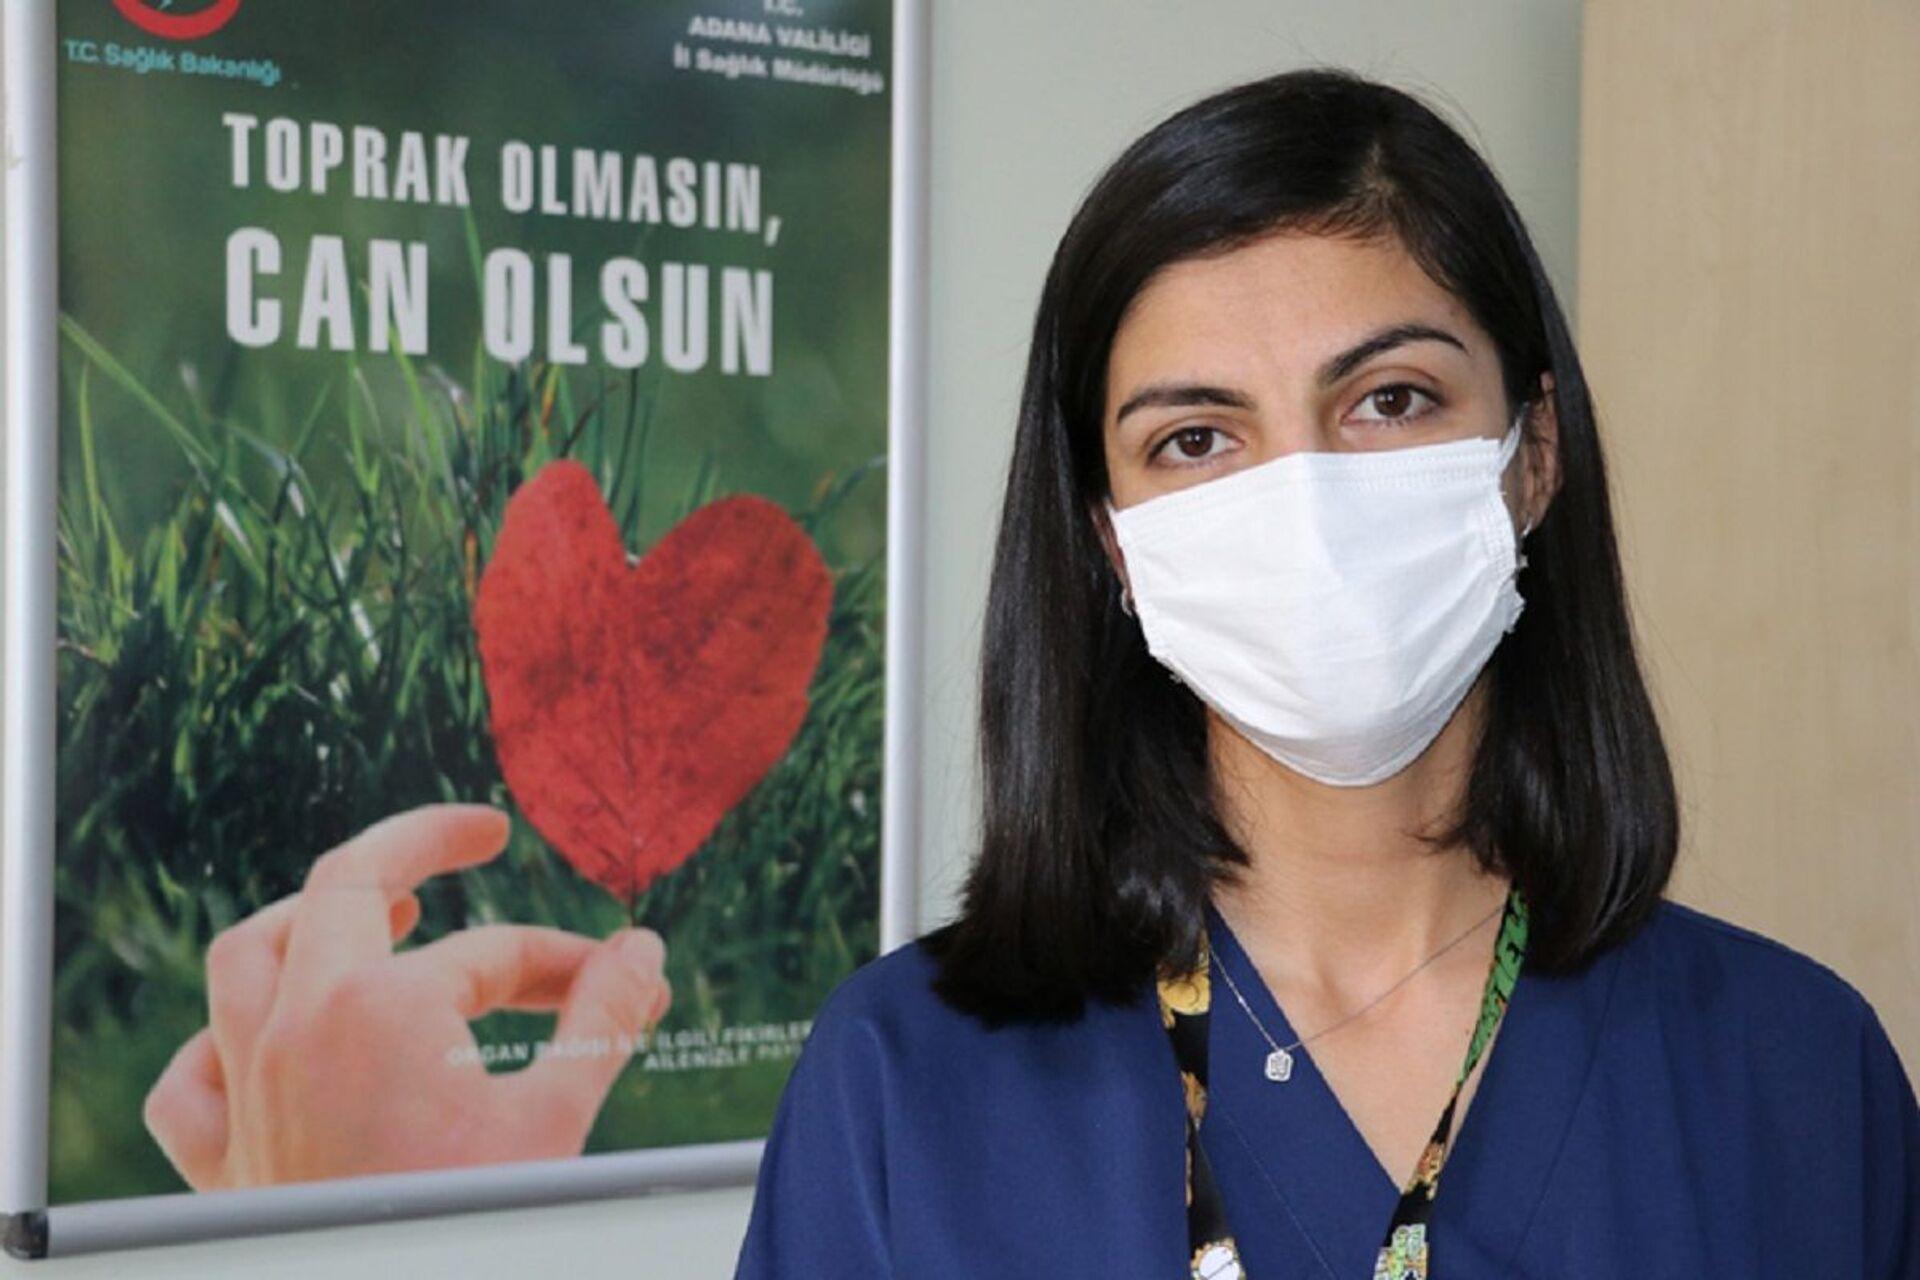 Koronavirüsü atlatan hemşire: Bıçak saplar gibi tarifi imkansız sırt ve topuk ağrılarım oldu - Sputnik Türkiye, 1920, 13.02.2021